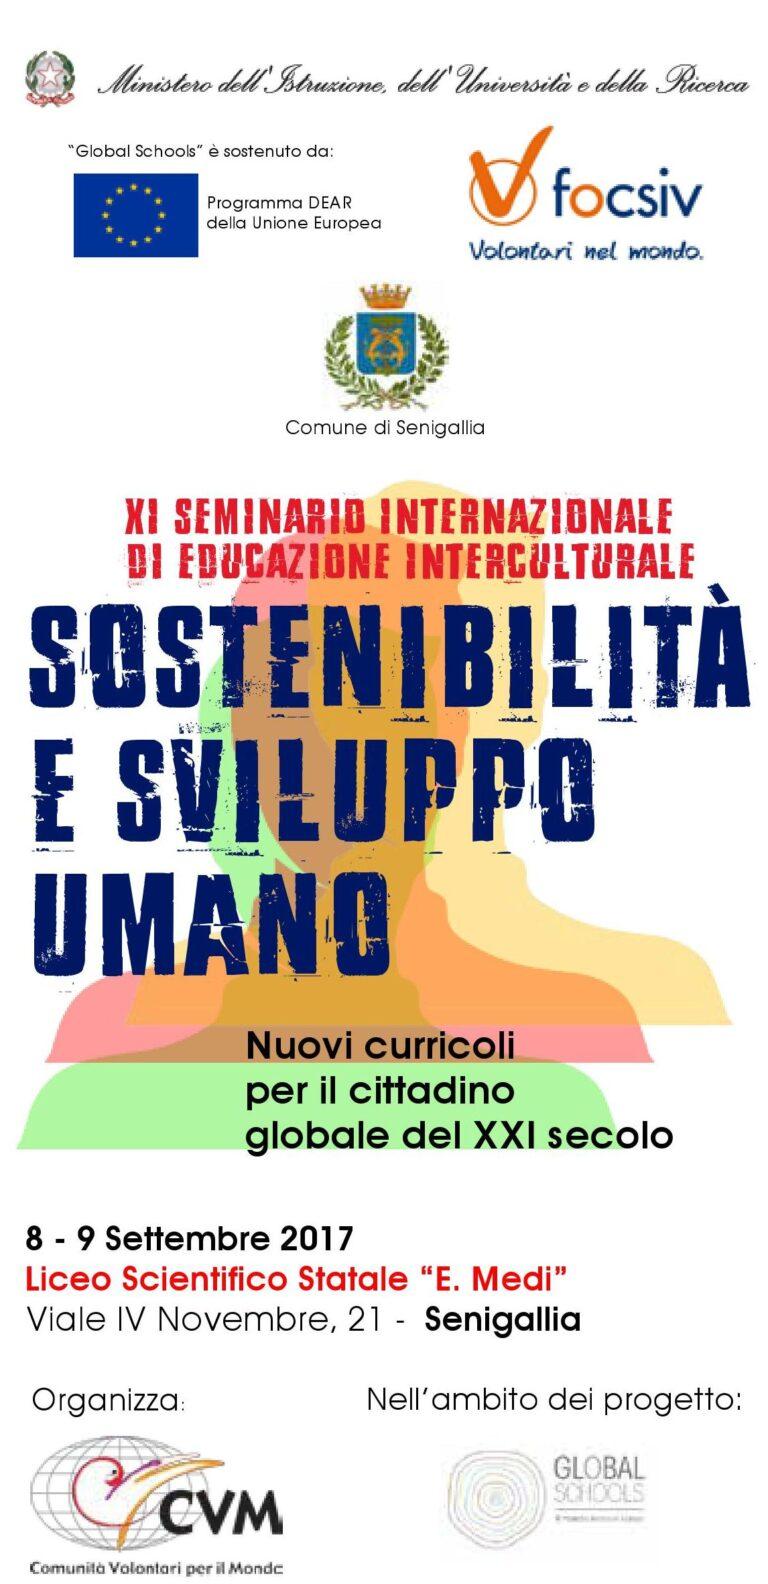 Il programma dell'XI Seminario internazionale di educazione interculturale